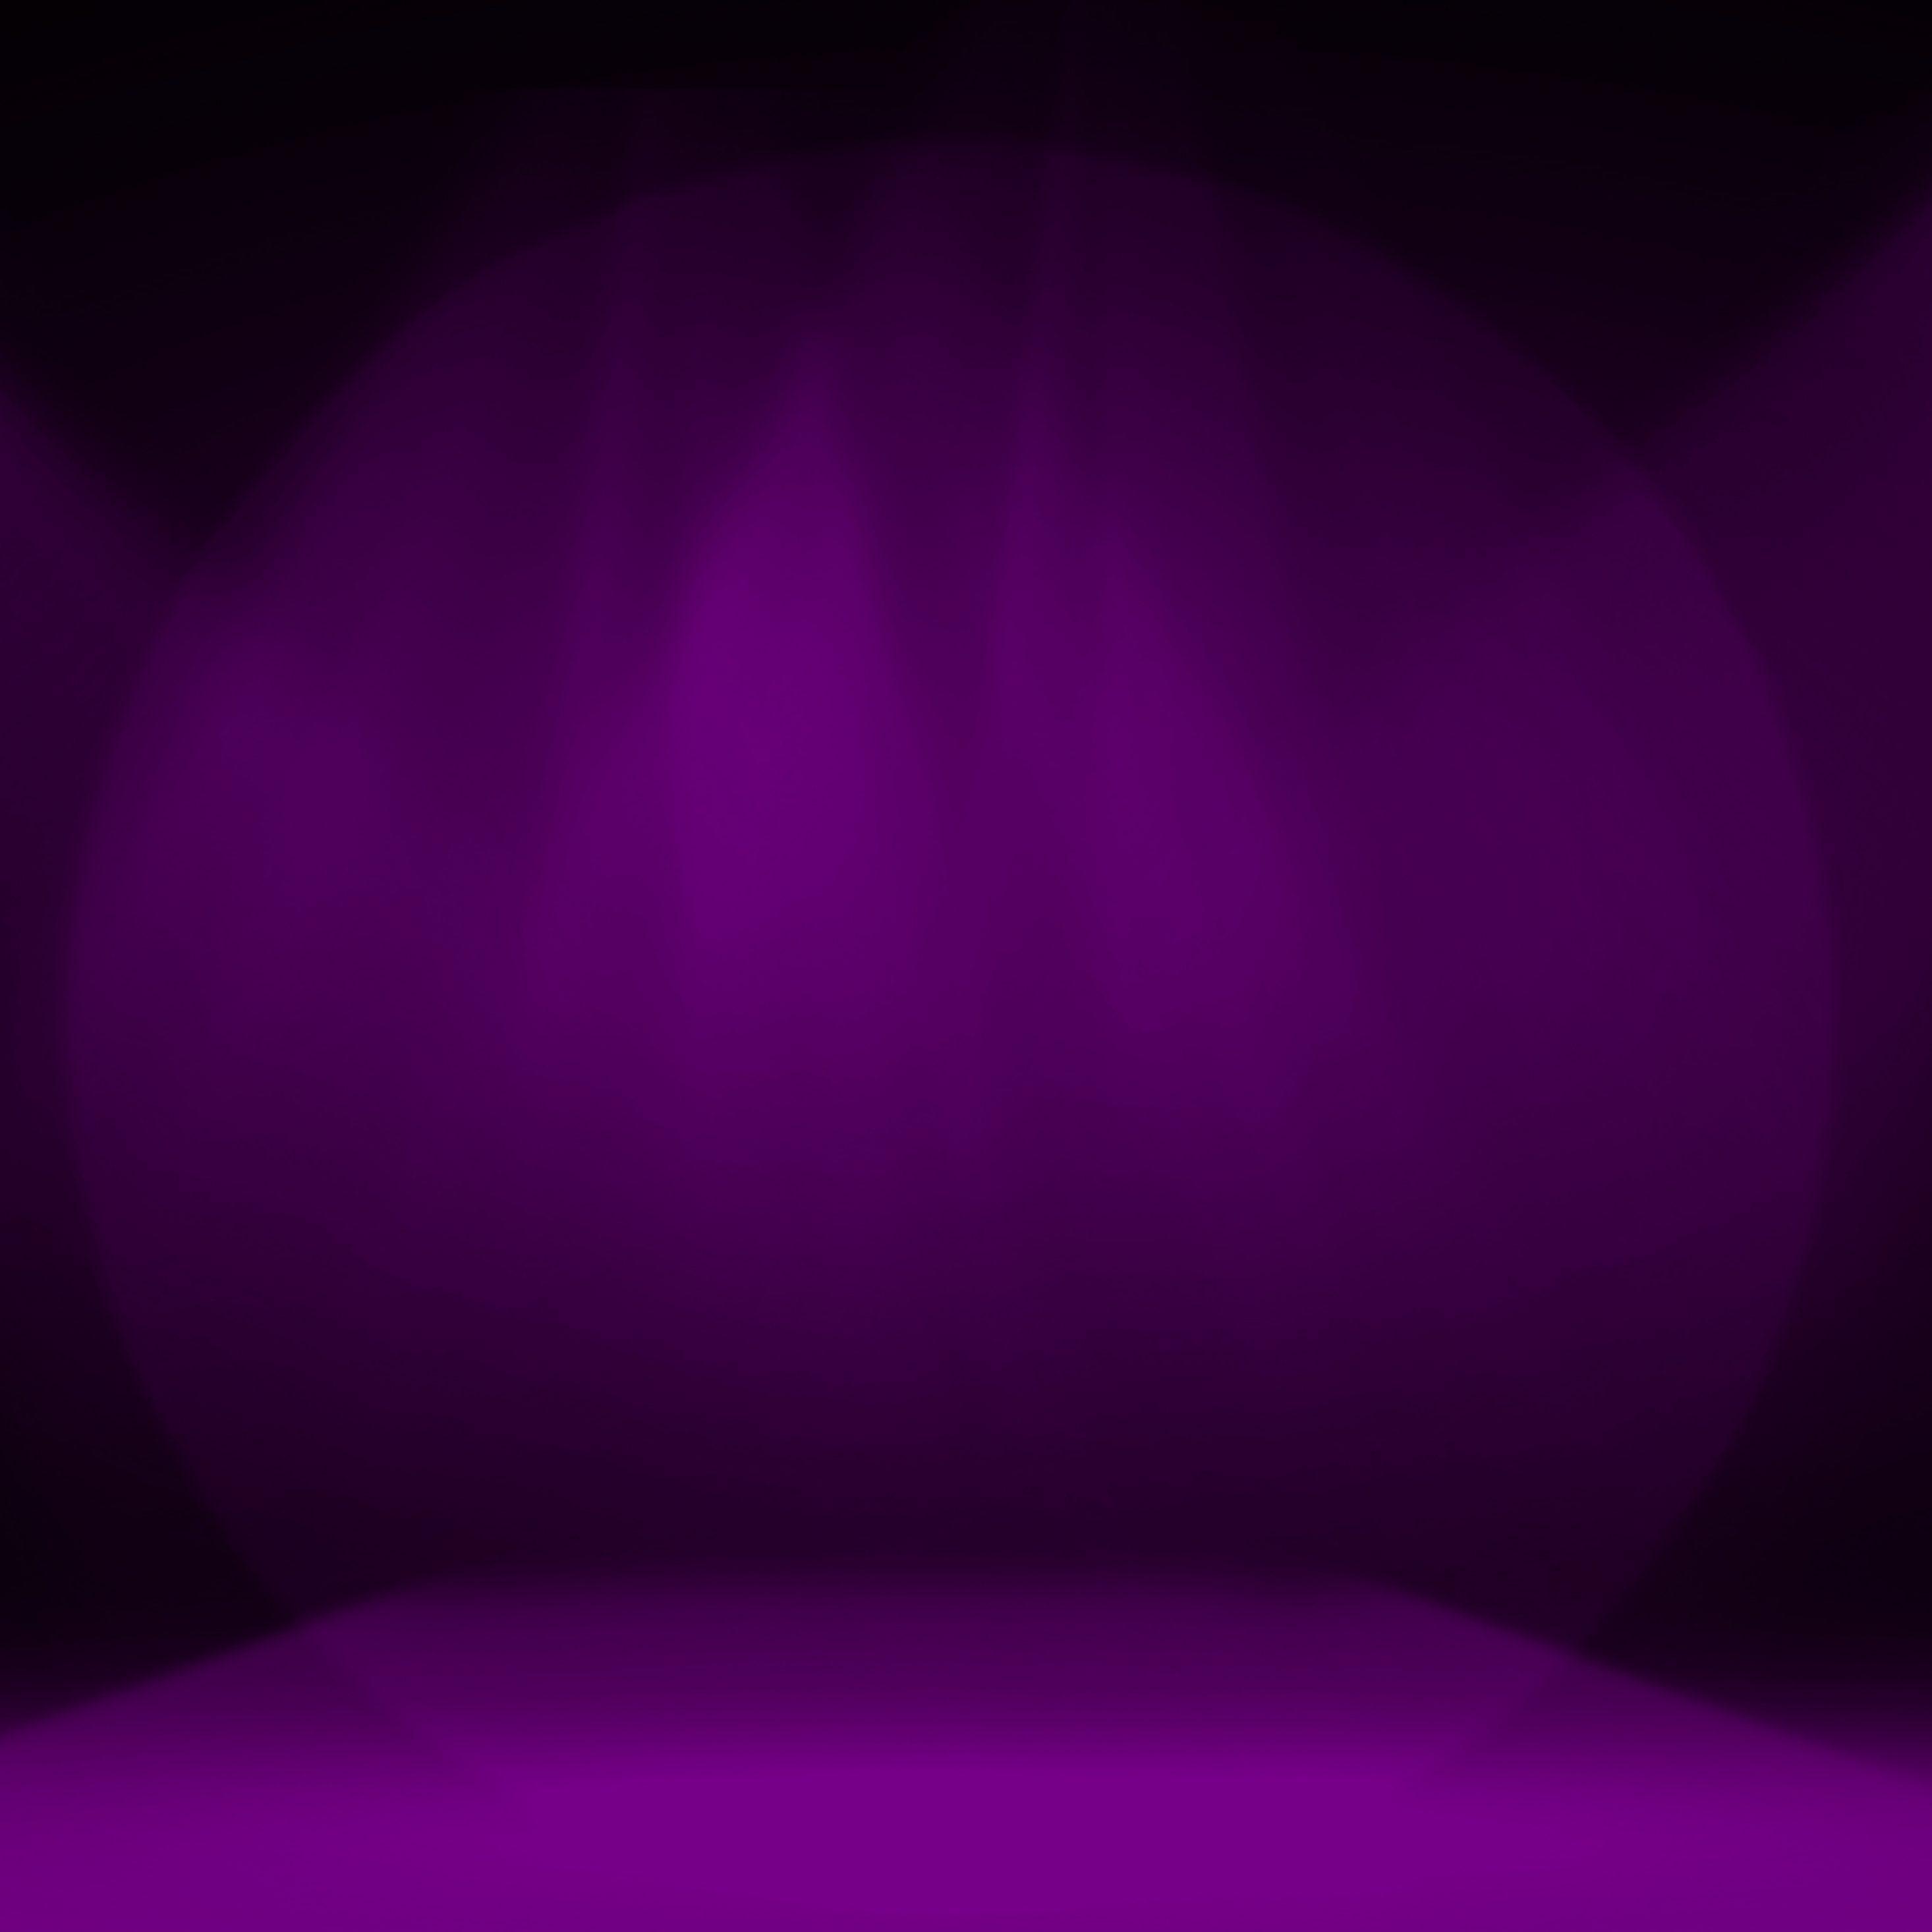 2932x2932 iPad Pro wallpaper 4k Purple Stage Decoration iPad Wallpaper 2932x2932 pixels resolution